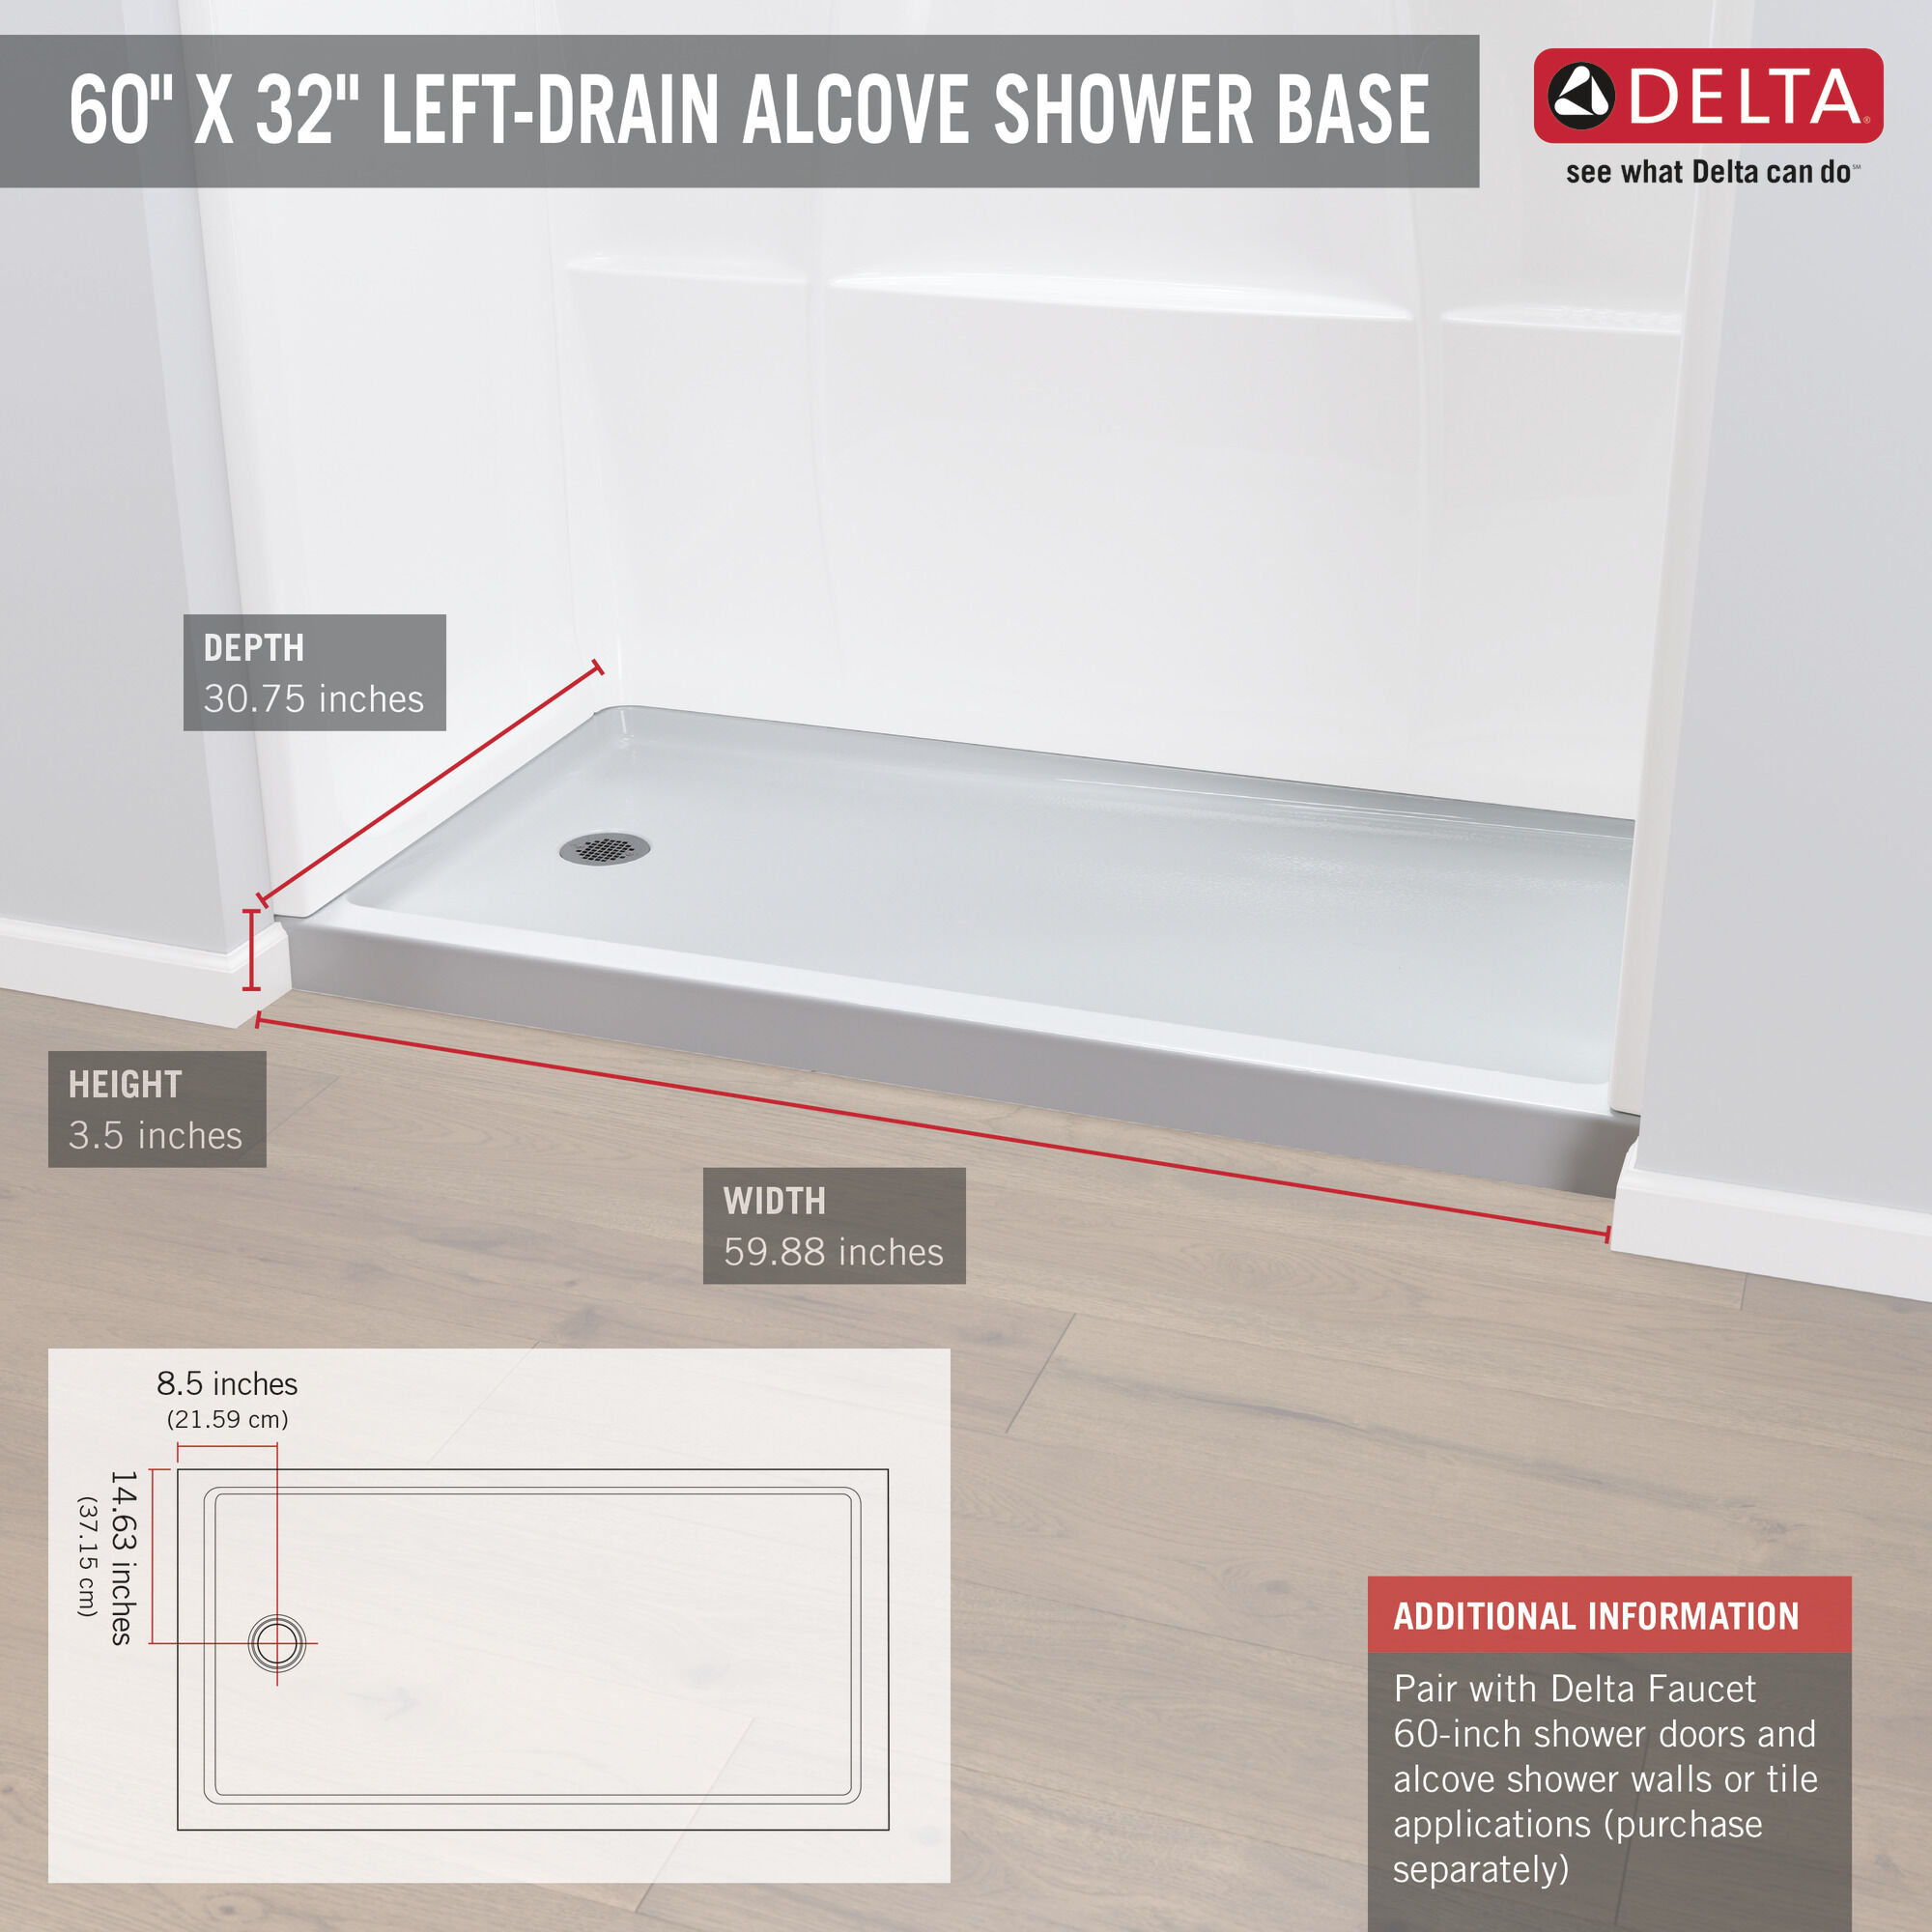 60 x 32 shower base left drain